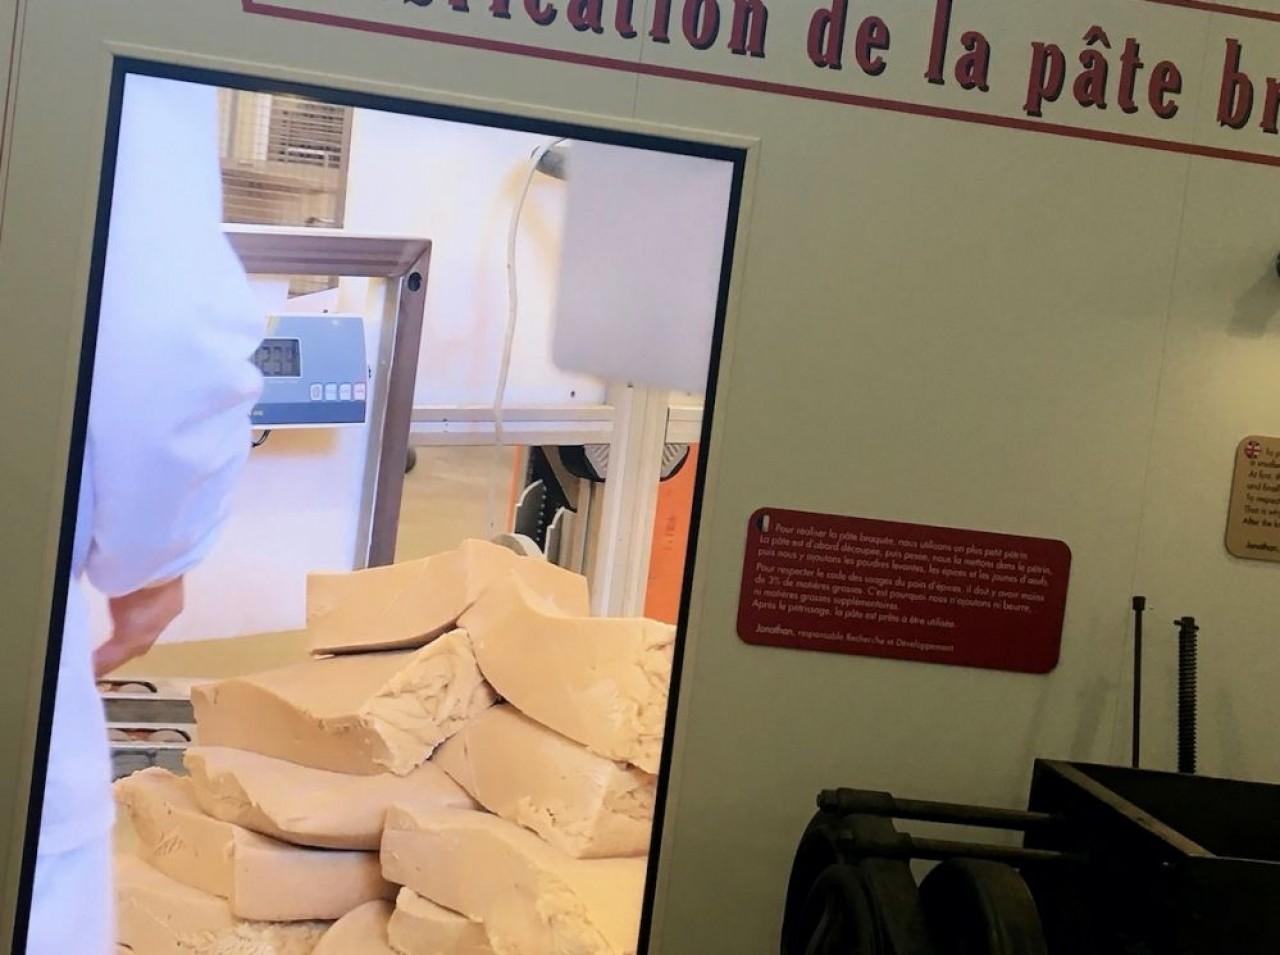 Le musée du pain d'épices au sein de l'unité de production de Mulot et Petitjean à Dijon a réactualisé ses supports vidéos qui dévoilent le produit mais aussi l'entreprise. © Traces Ecrites